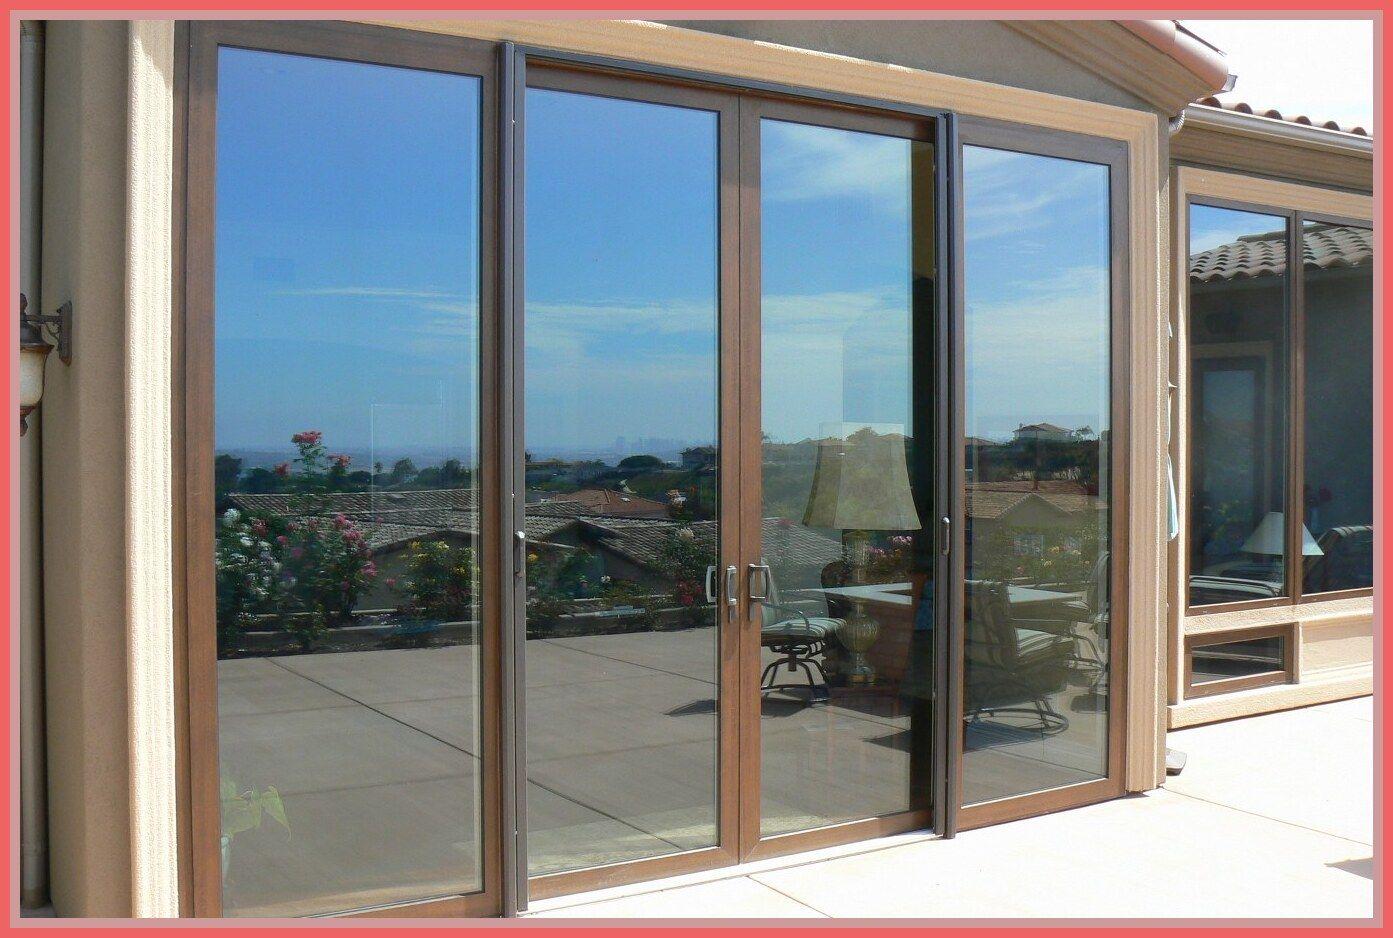 110 Reference Of Multi Slide Patio Doors Cost Door Cost Patio Doors Sliding Patio Doors